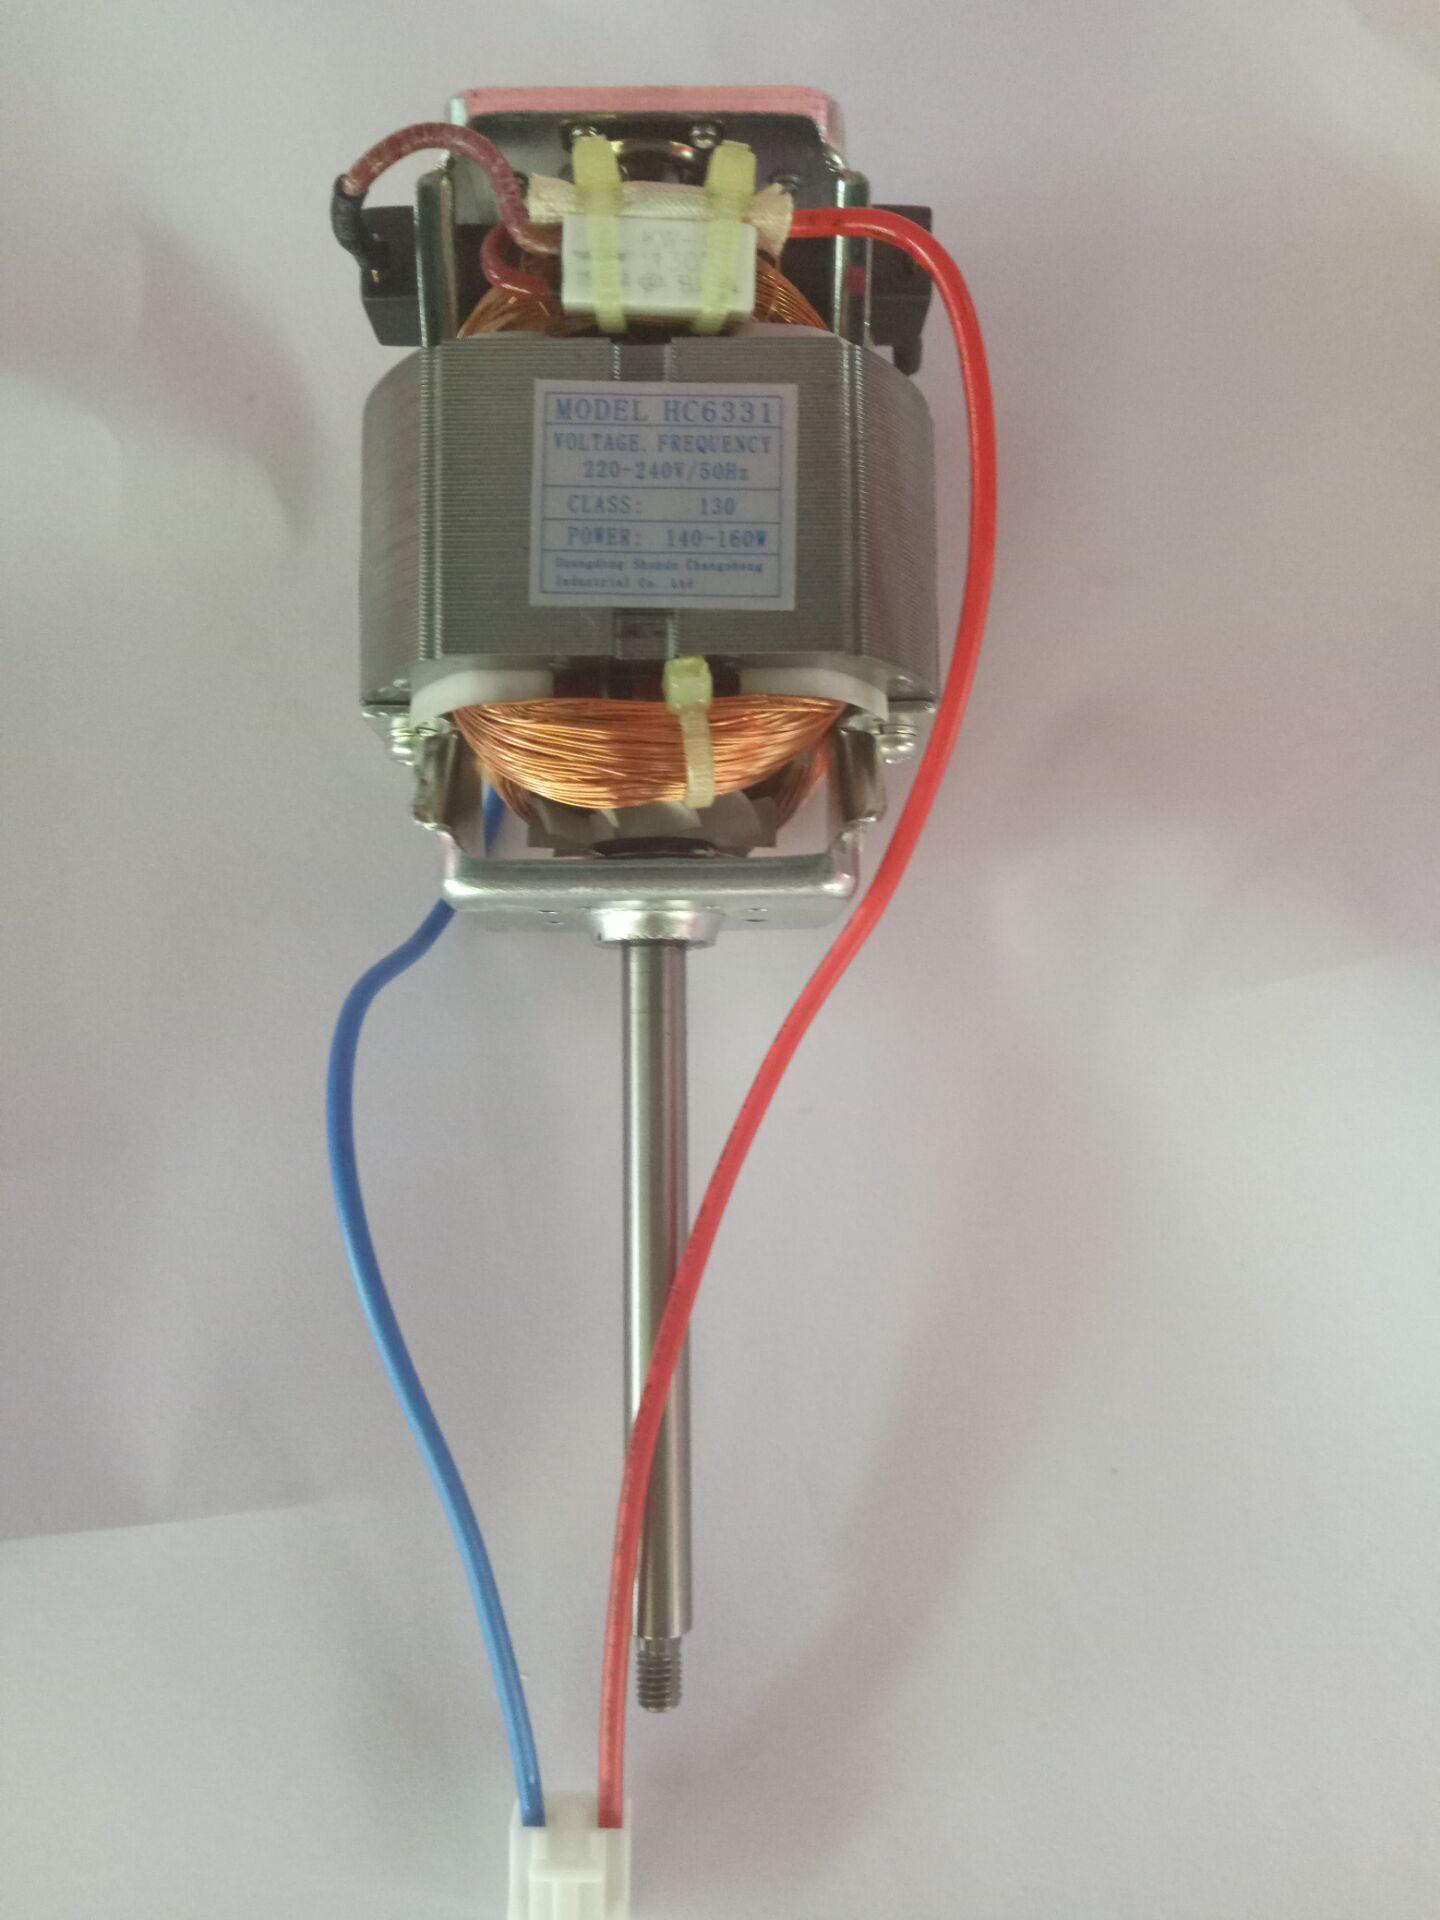 小间距 1*2.3豆浆机 通用豆浆机电机纯铜轴长7.2 HC6331